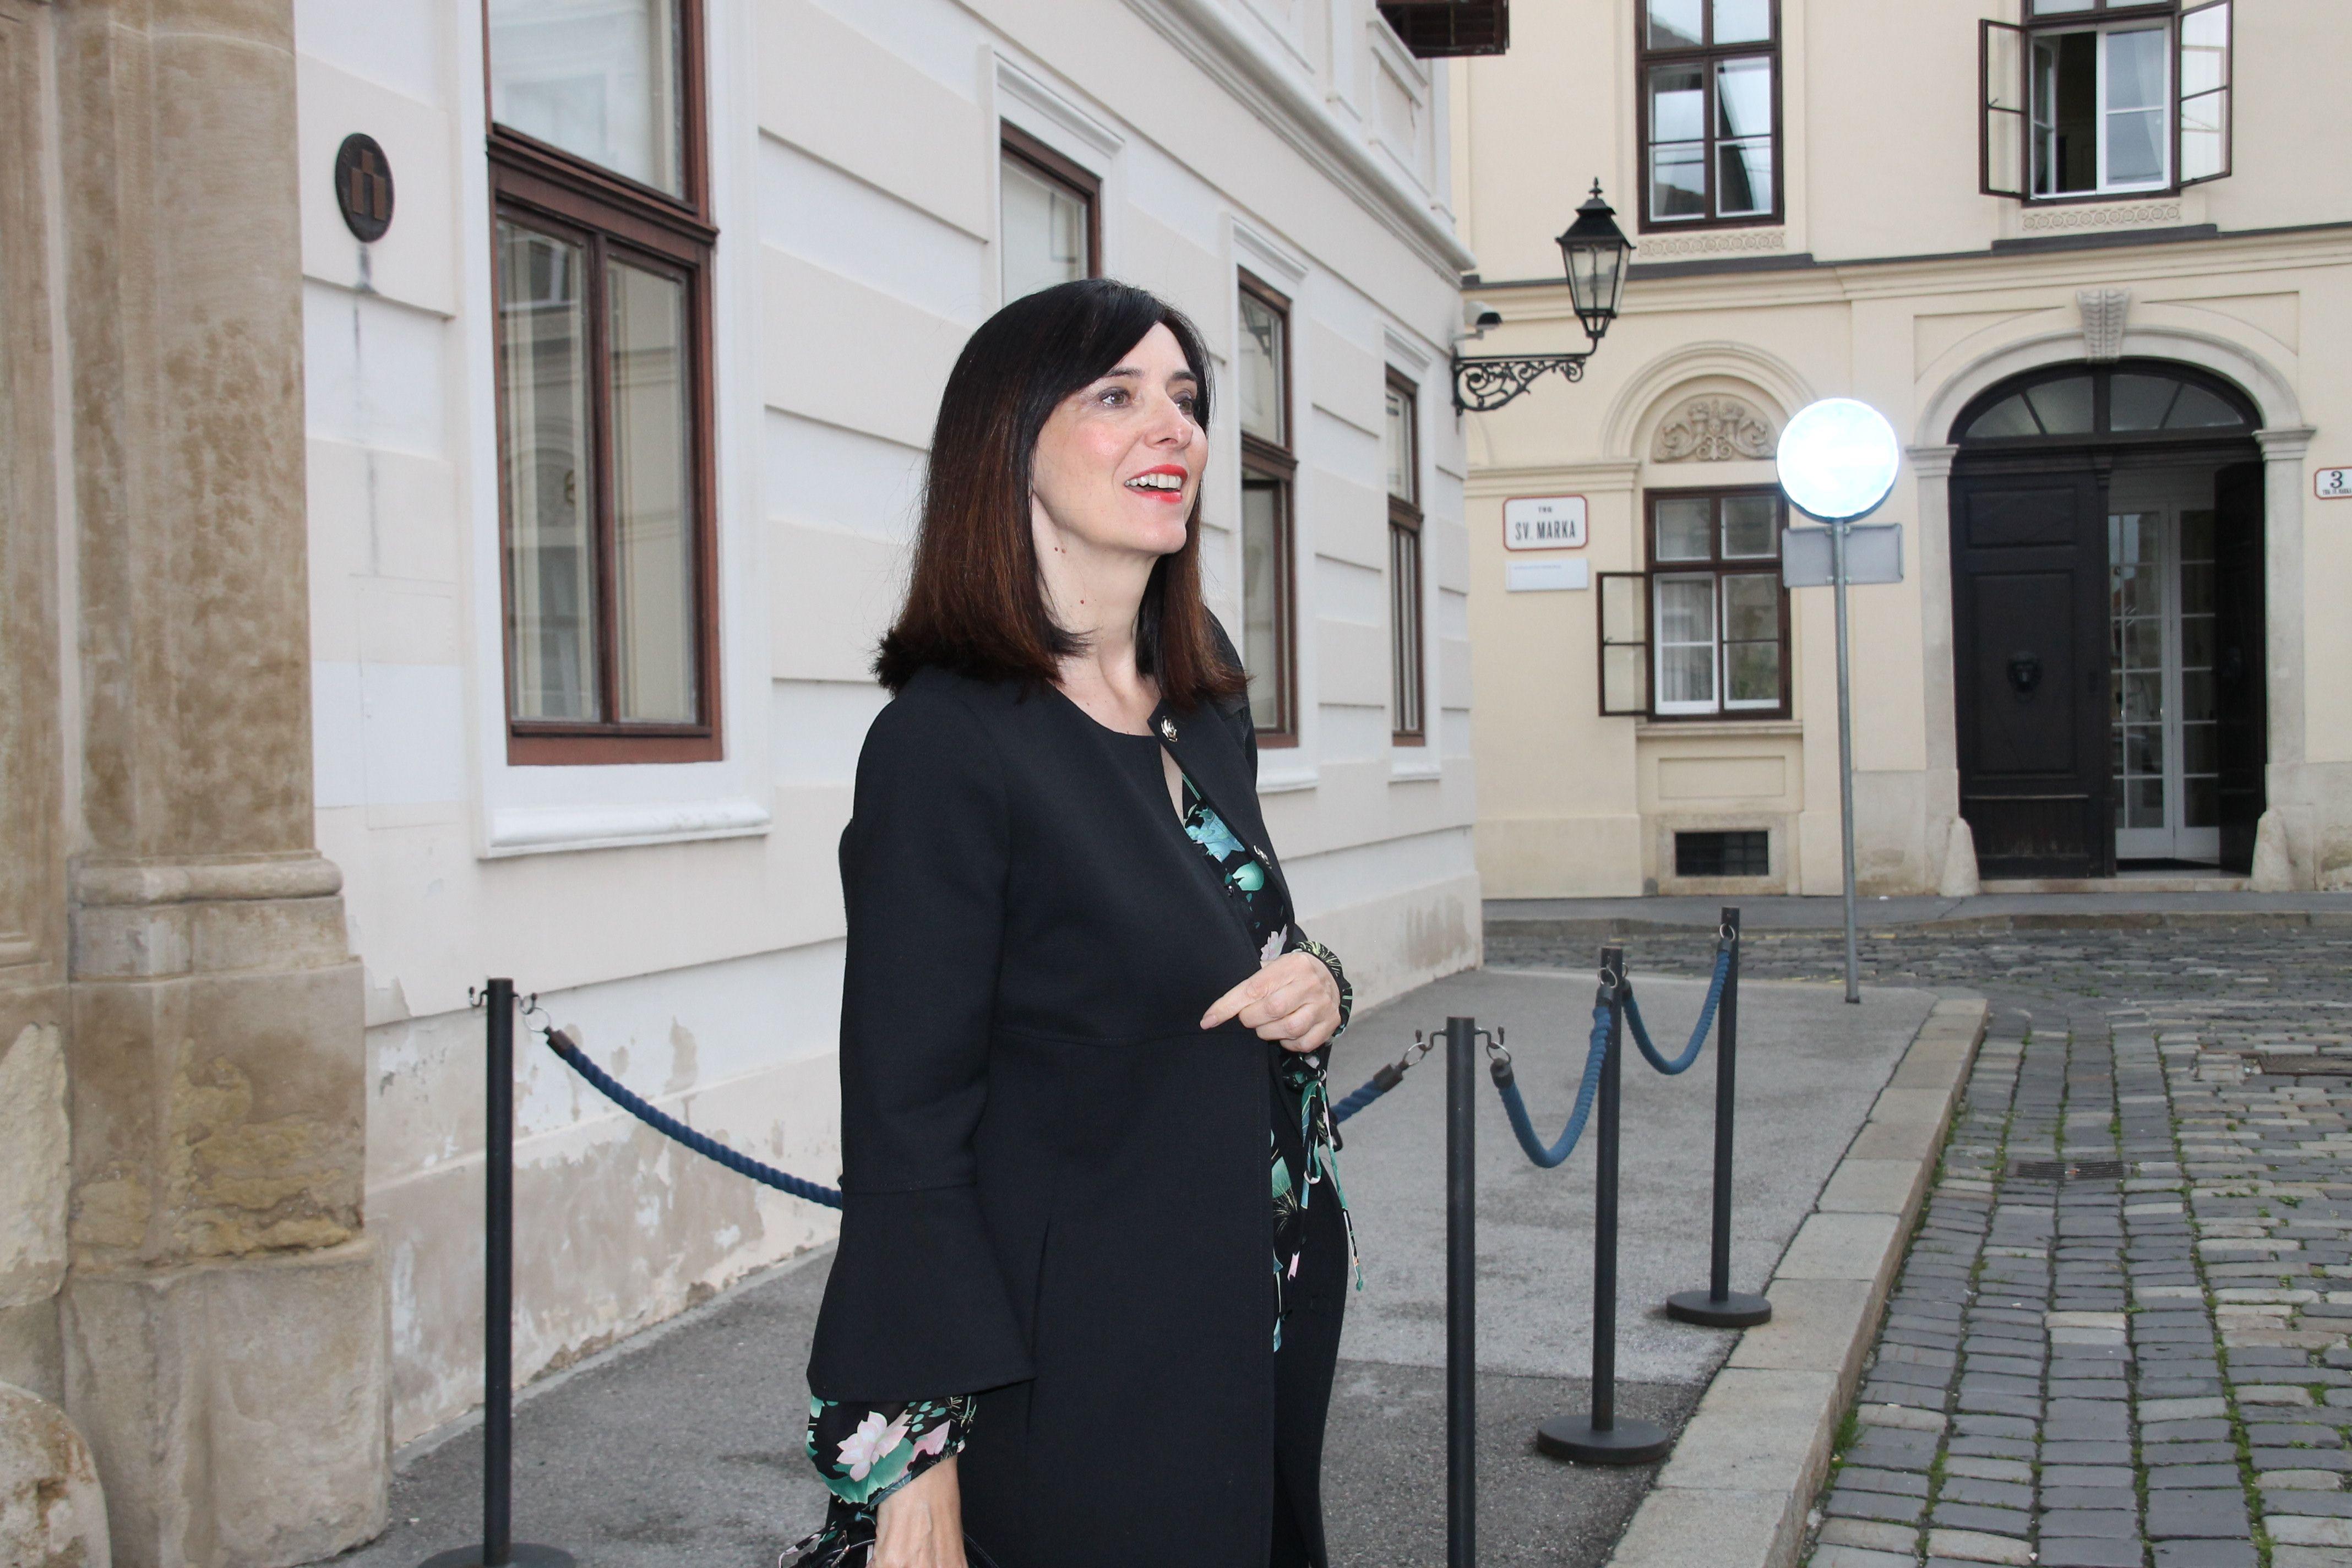 Divjak o Uskokovom optuženiku Bandiću: Važno je prepoznati tko radi za budućnost djece i sustava, a tko podmeće